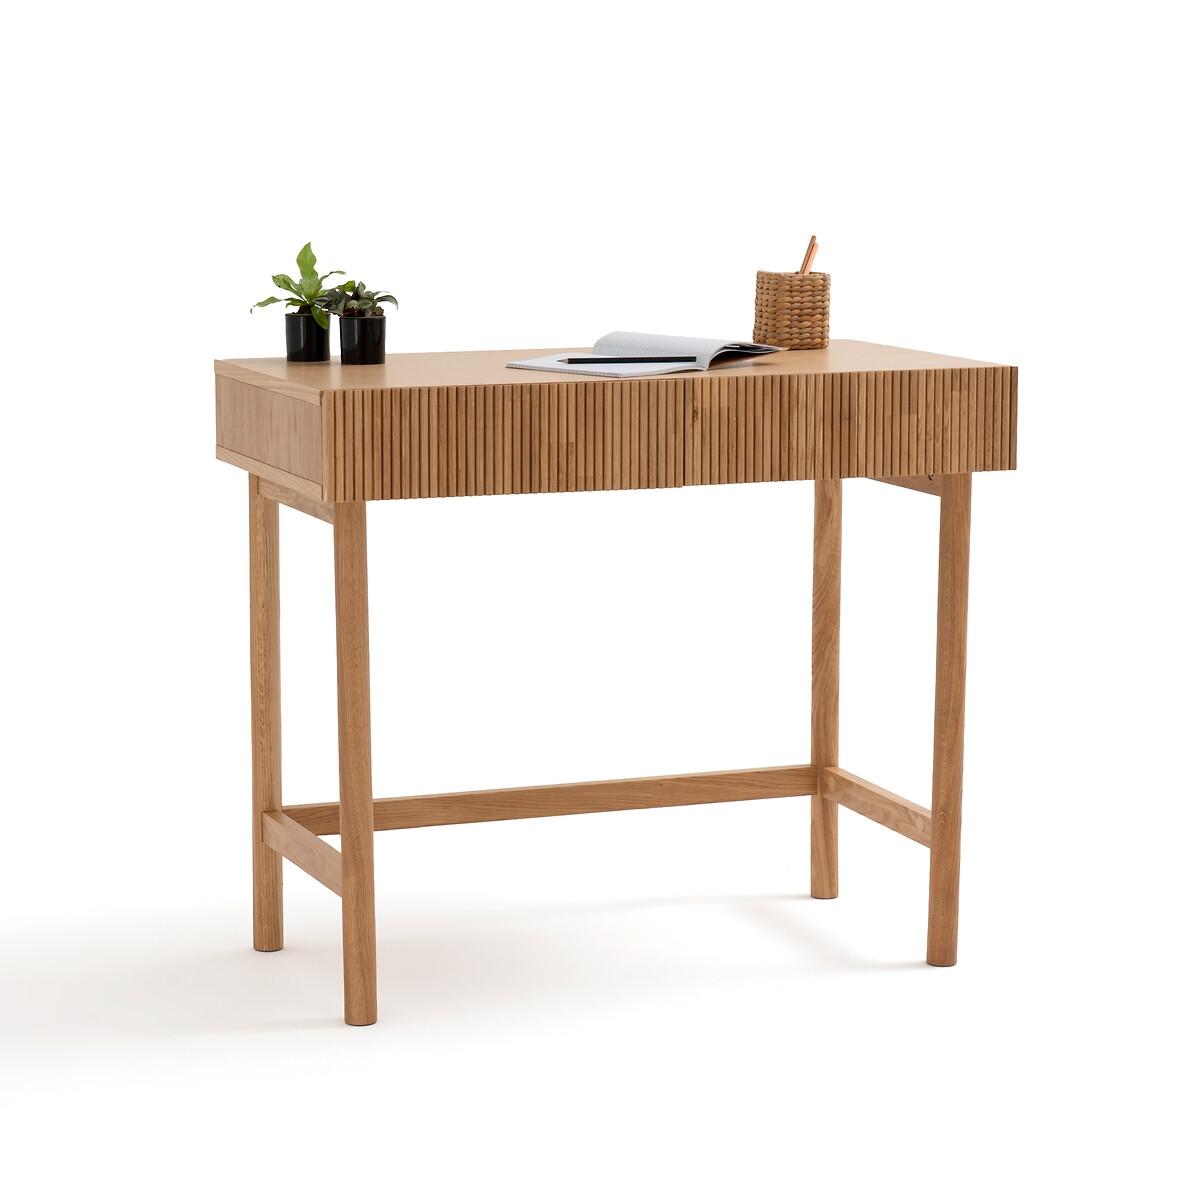 Стол LaRedoute Письменный из дуба с 2 ящиками Pilpao единый размер каштановый